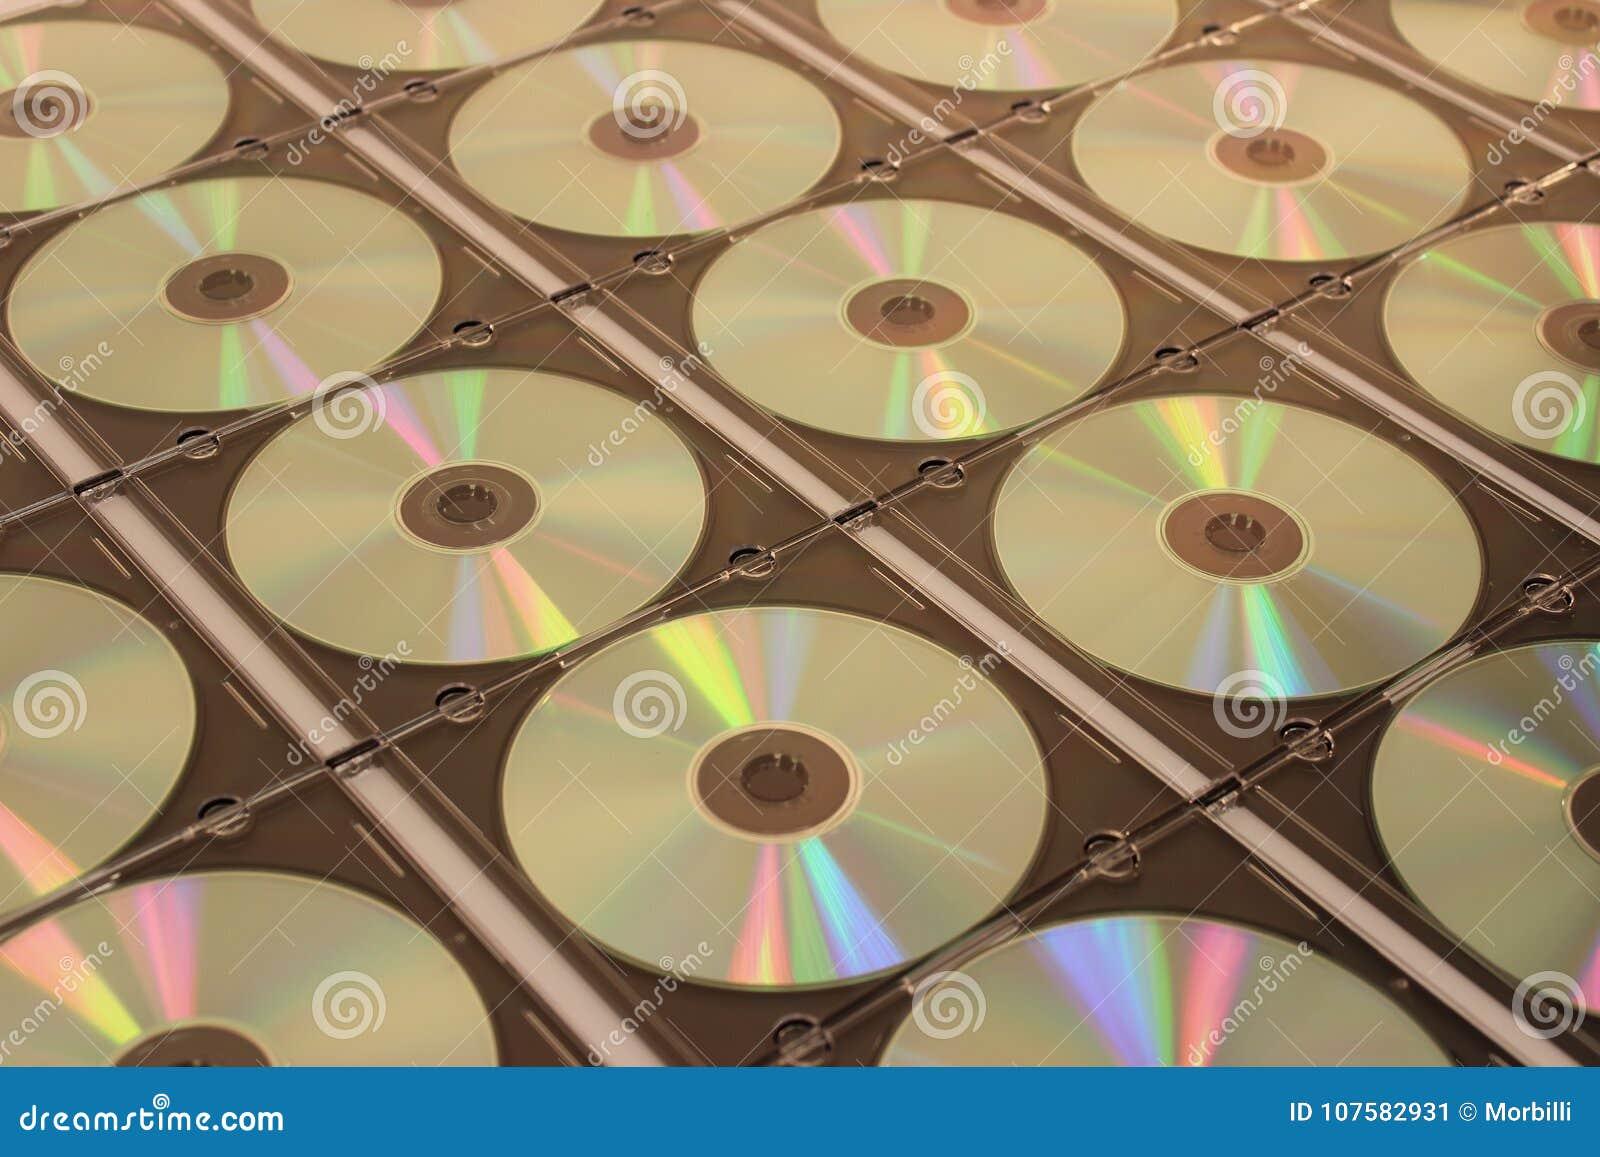 Discos del CD-ROM en cajas plásticas